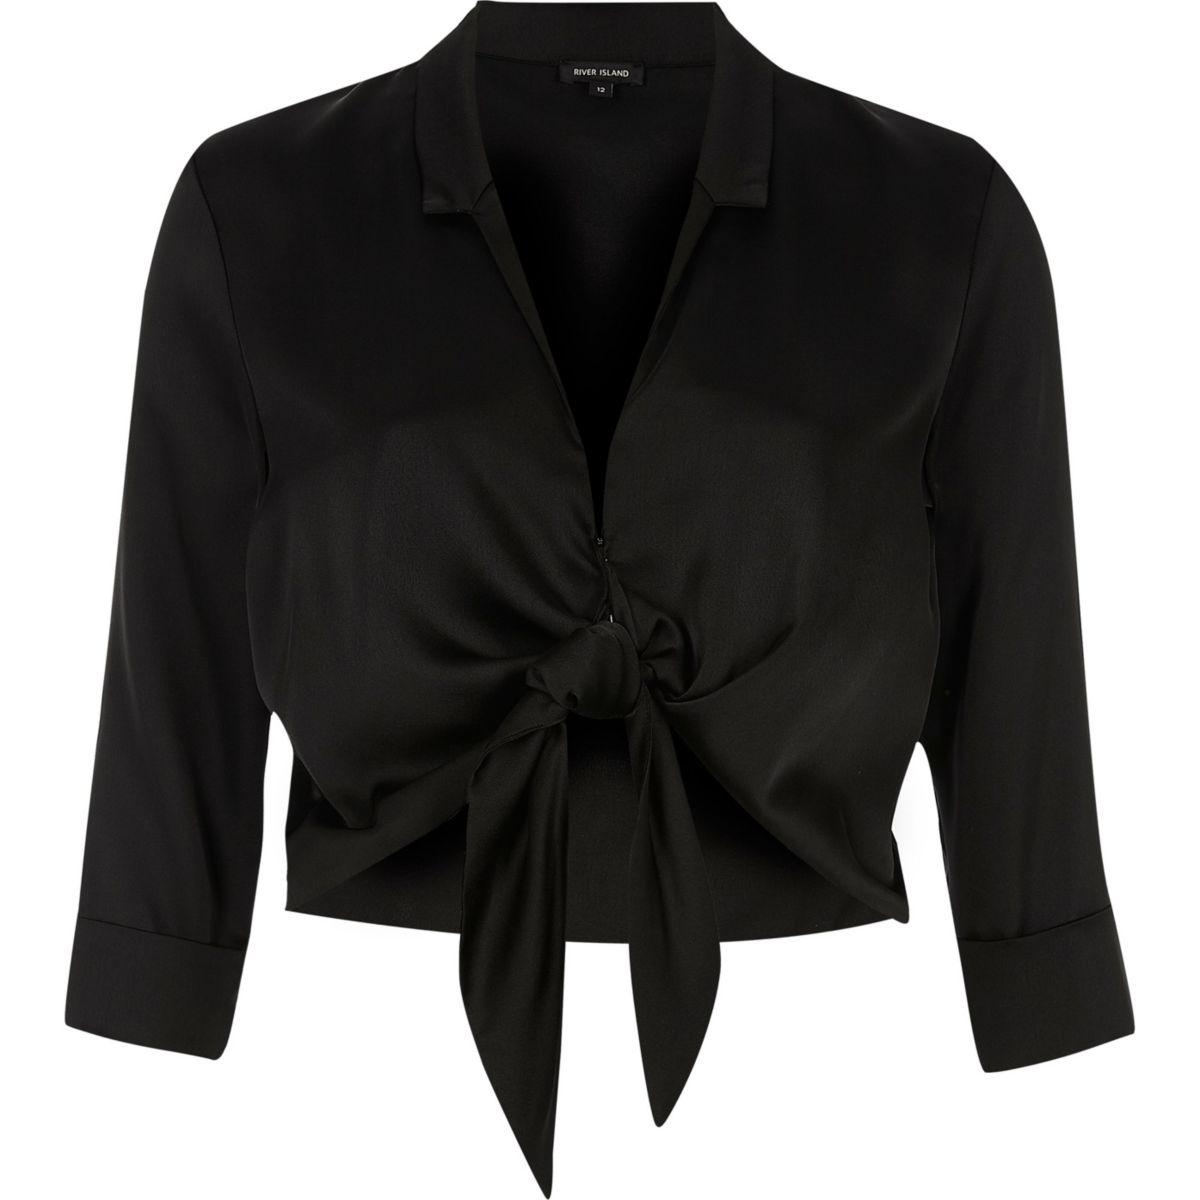 Zwart satijnen cropped overhemd met strik voor